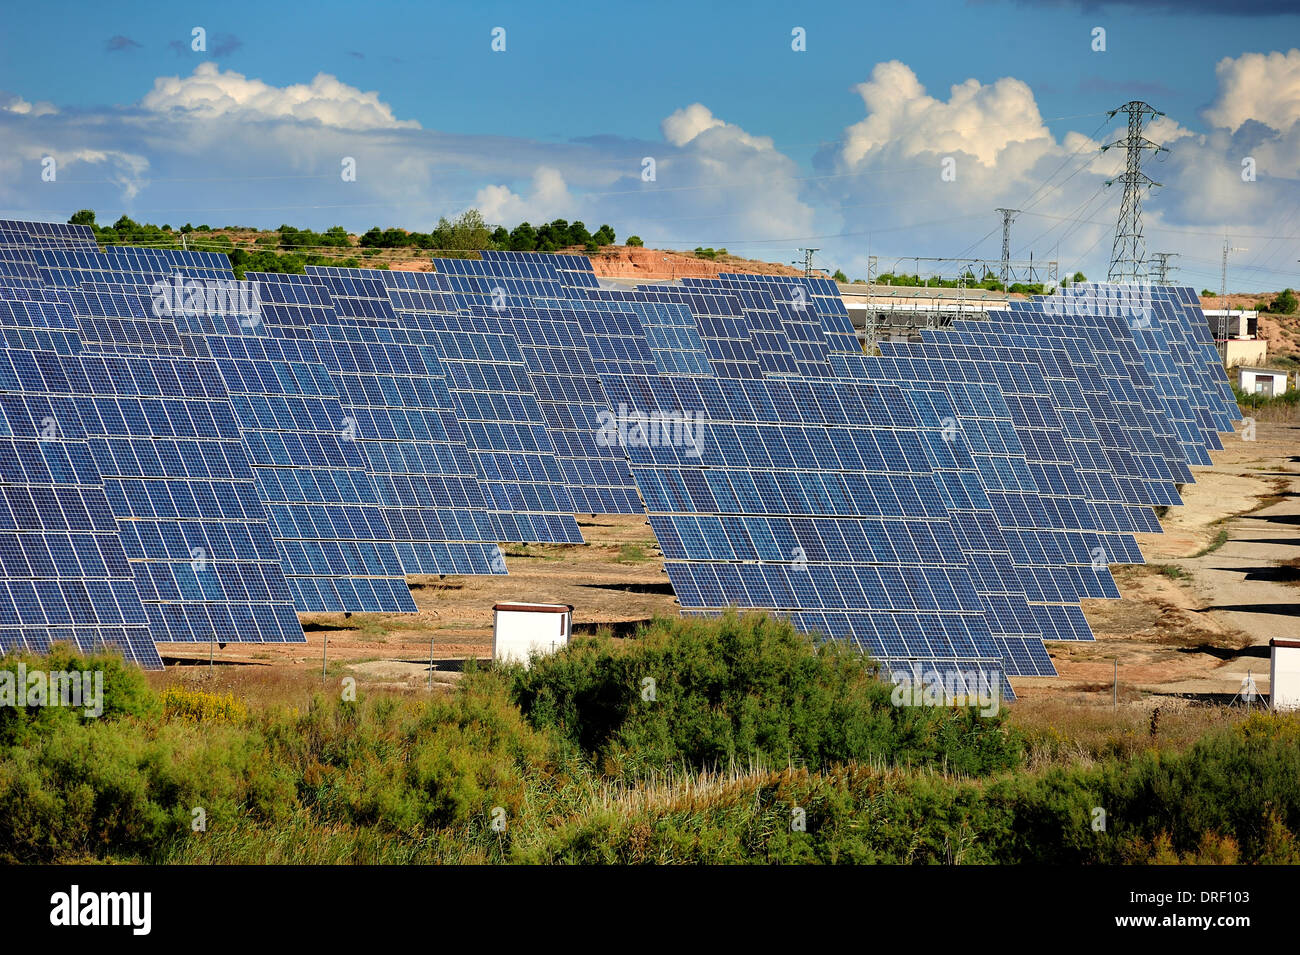 La centrale électrique solaire. Rangées de des panneaux photovoltaïques, La Rioja, Espagne, Europe Photo Stock